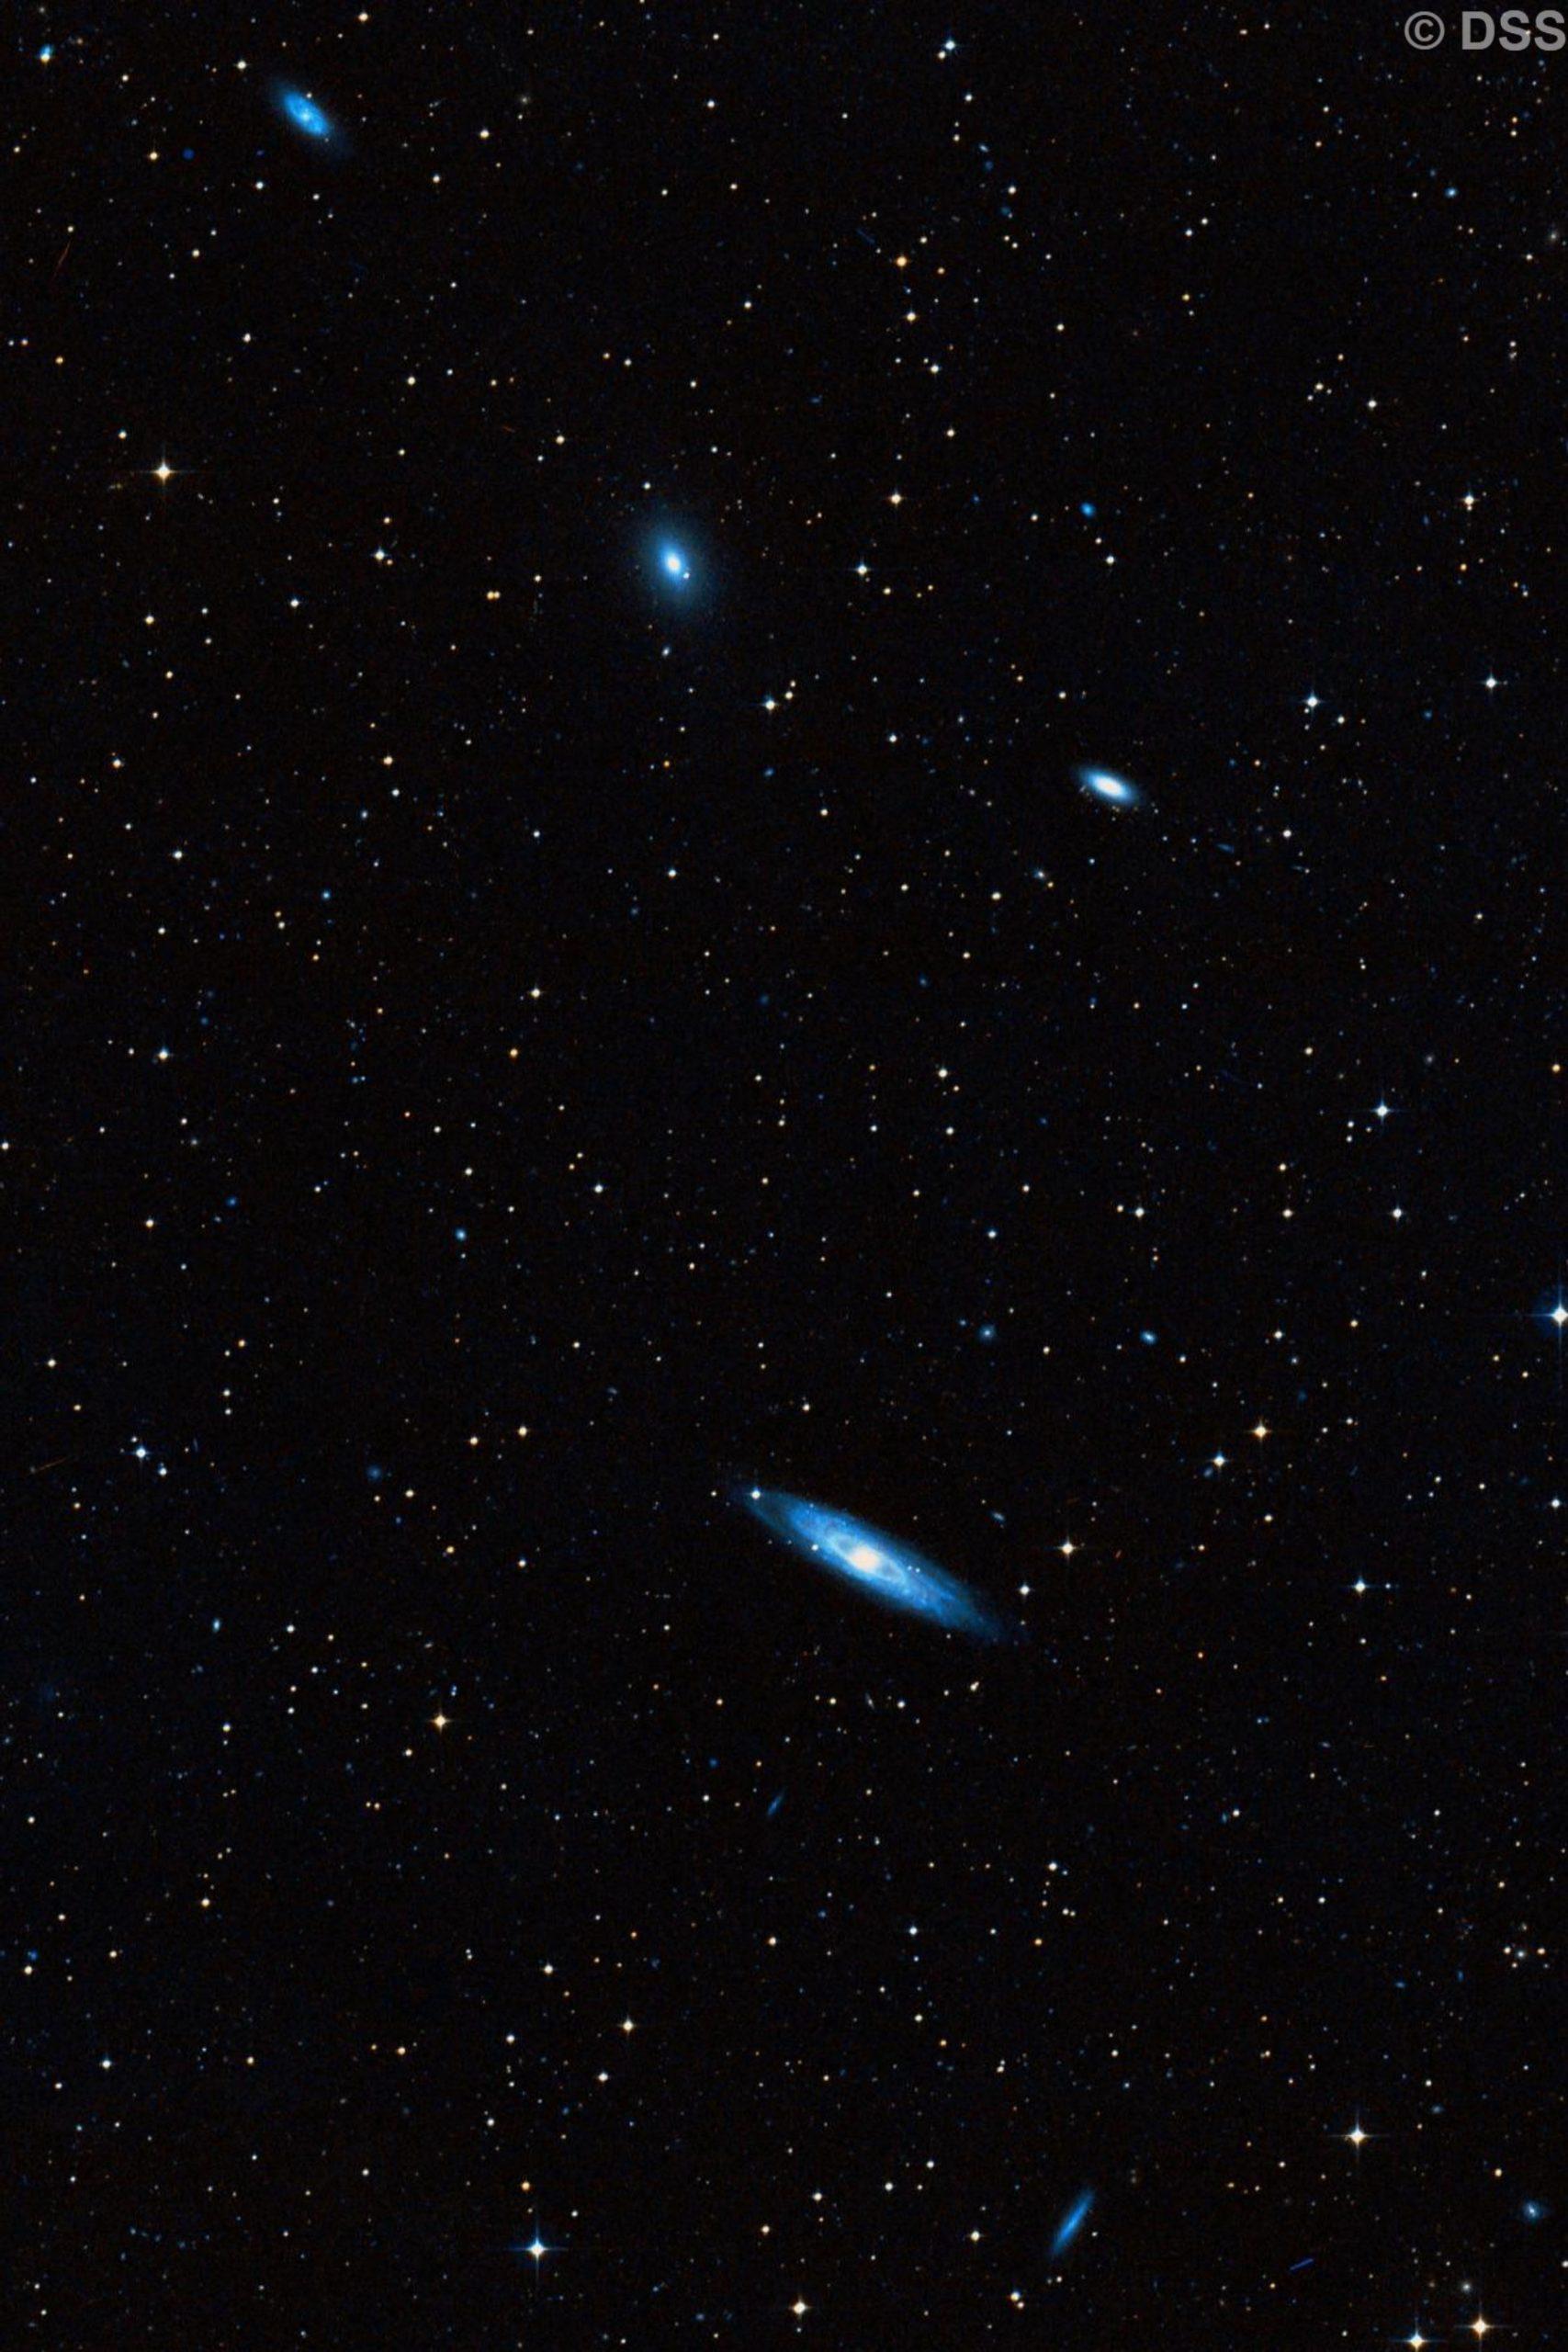 NGC 7184 7185 7188